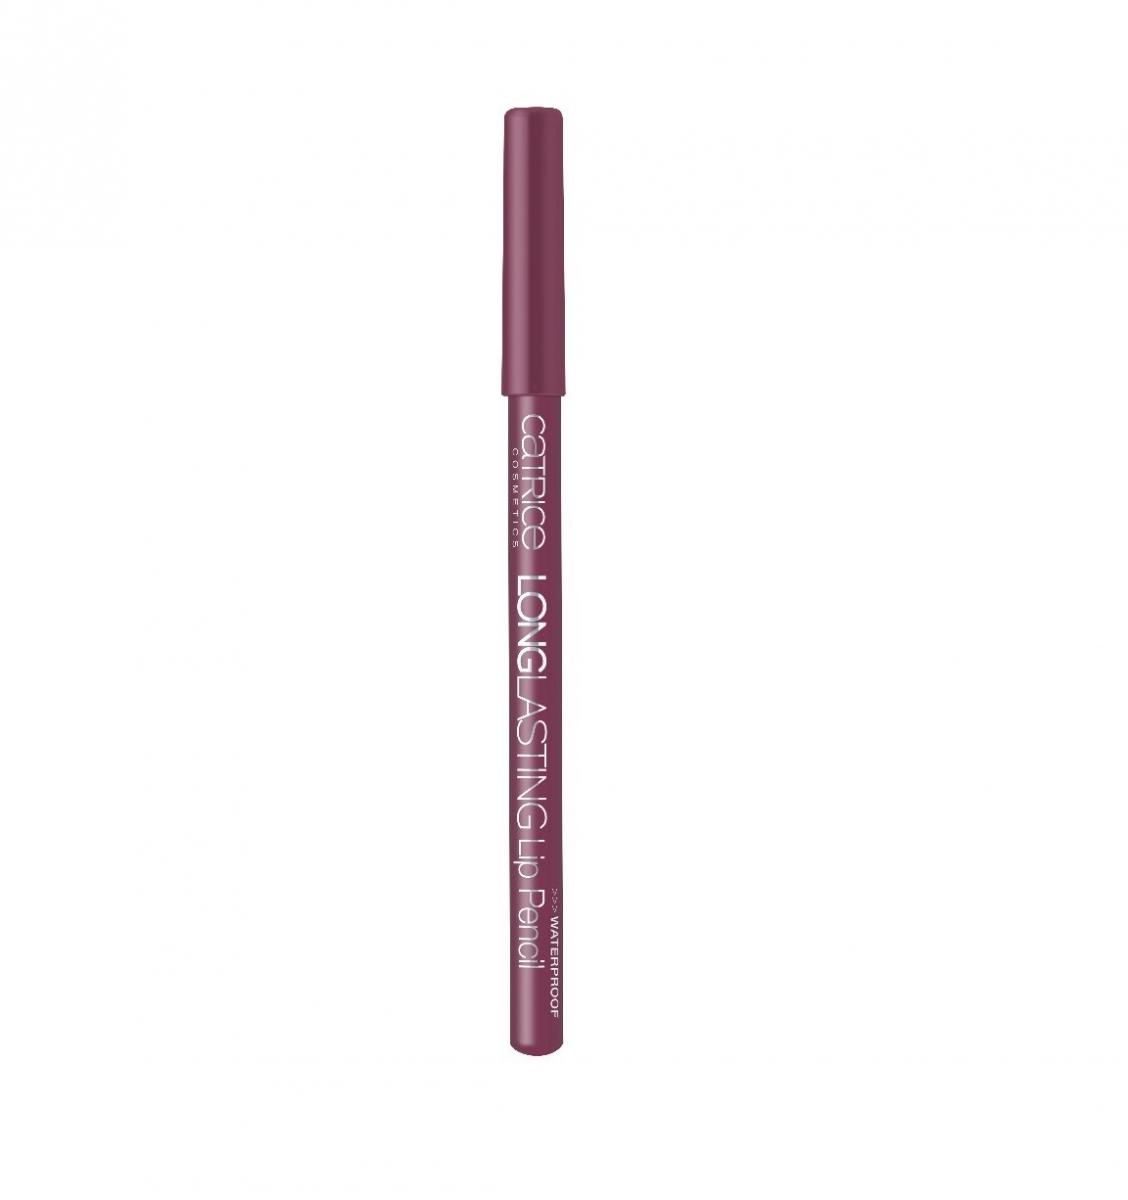 Карандаш для губ Catrice Longlasting lip pencil 170 Plumplona Ole свекольный